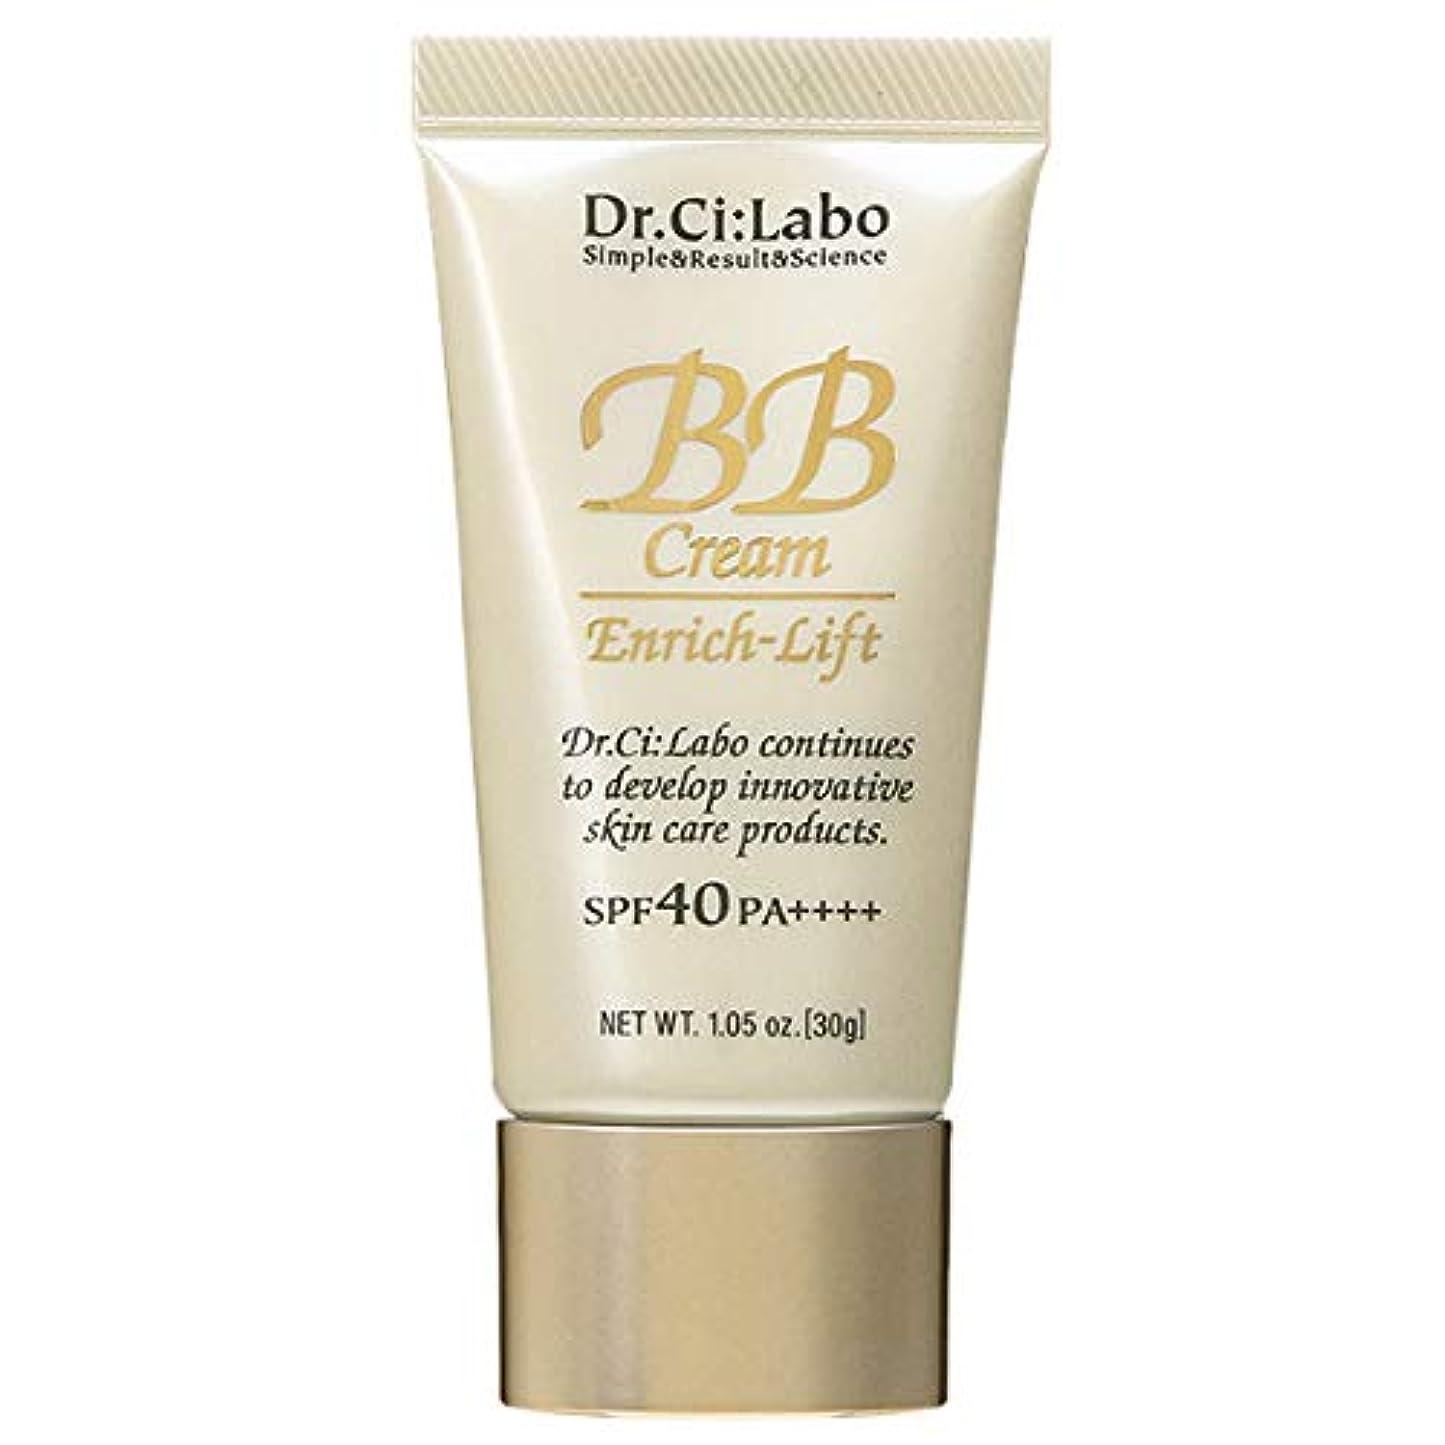 ドクターシーラボ Dr.Ci:Labo BBクリーム エンリッチリフトLN18 SPF40 PA++++ 30g